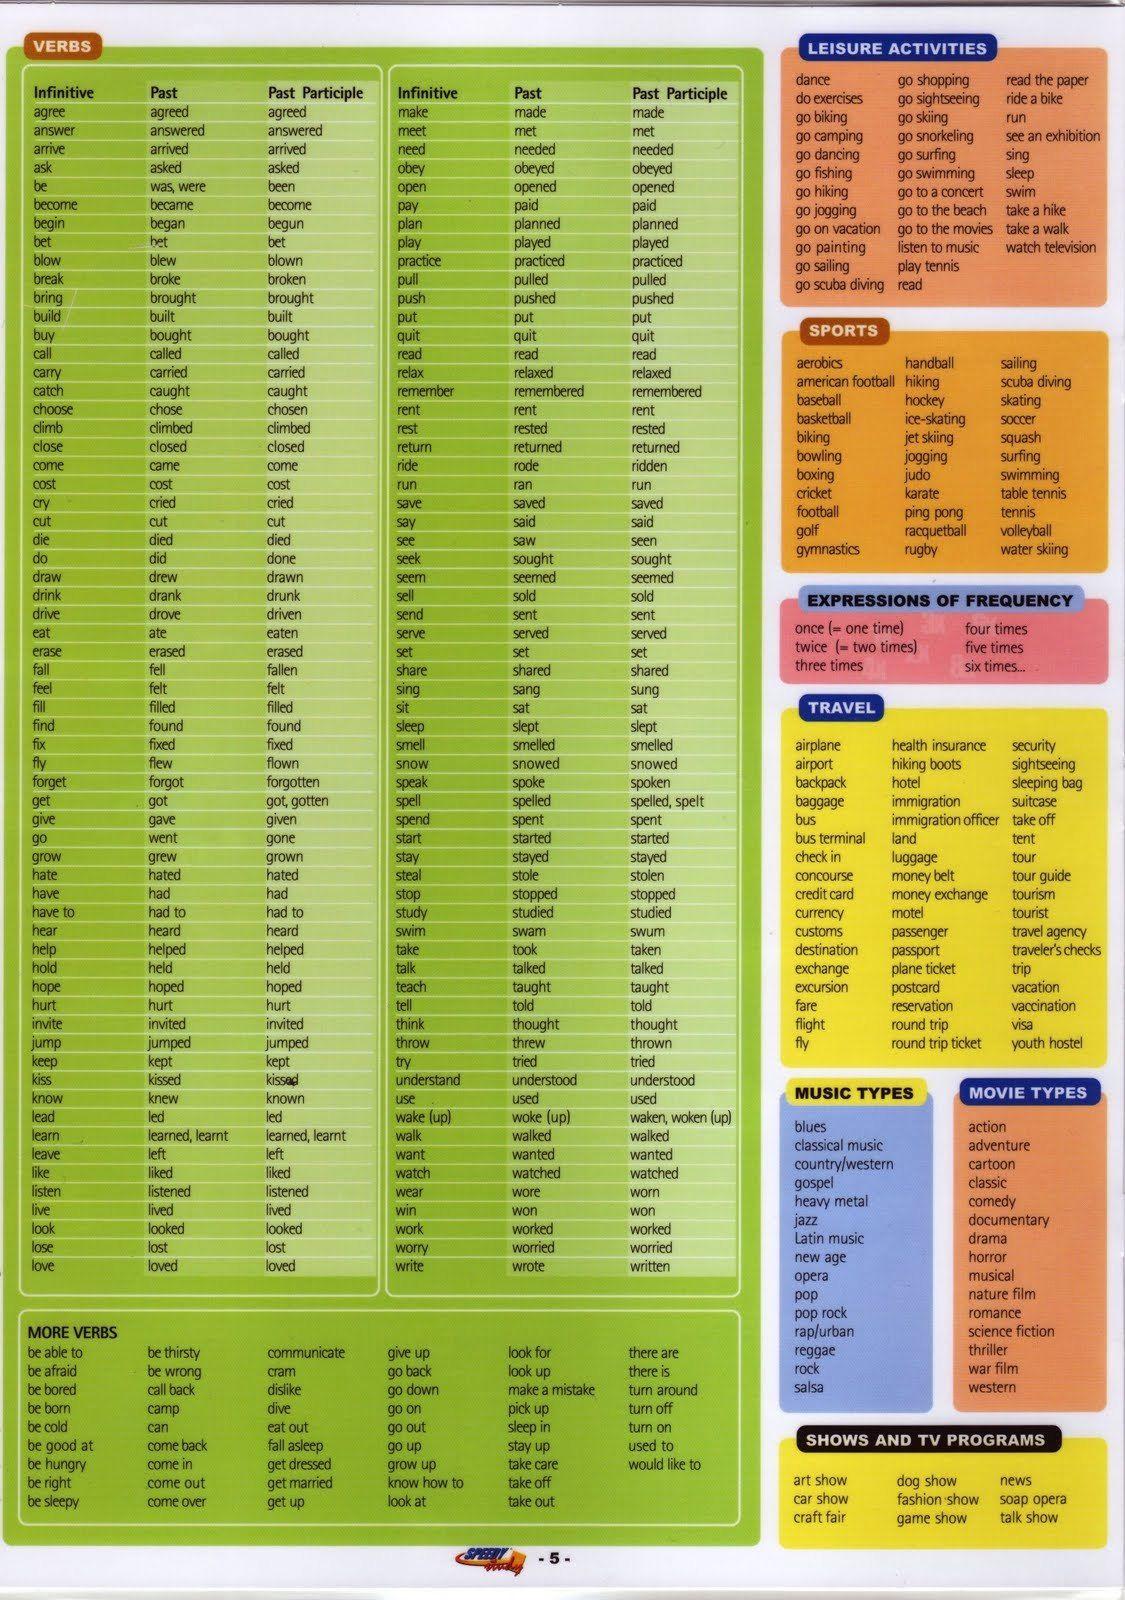 Vocabulary Verbs English Vocabulary Vocabulary Learn English [ 1600 x 1125 Pixel ]